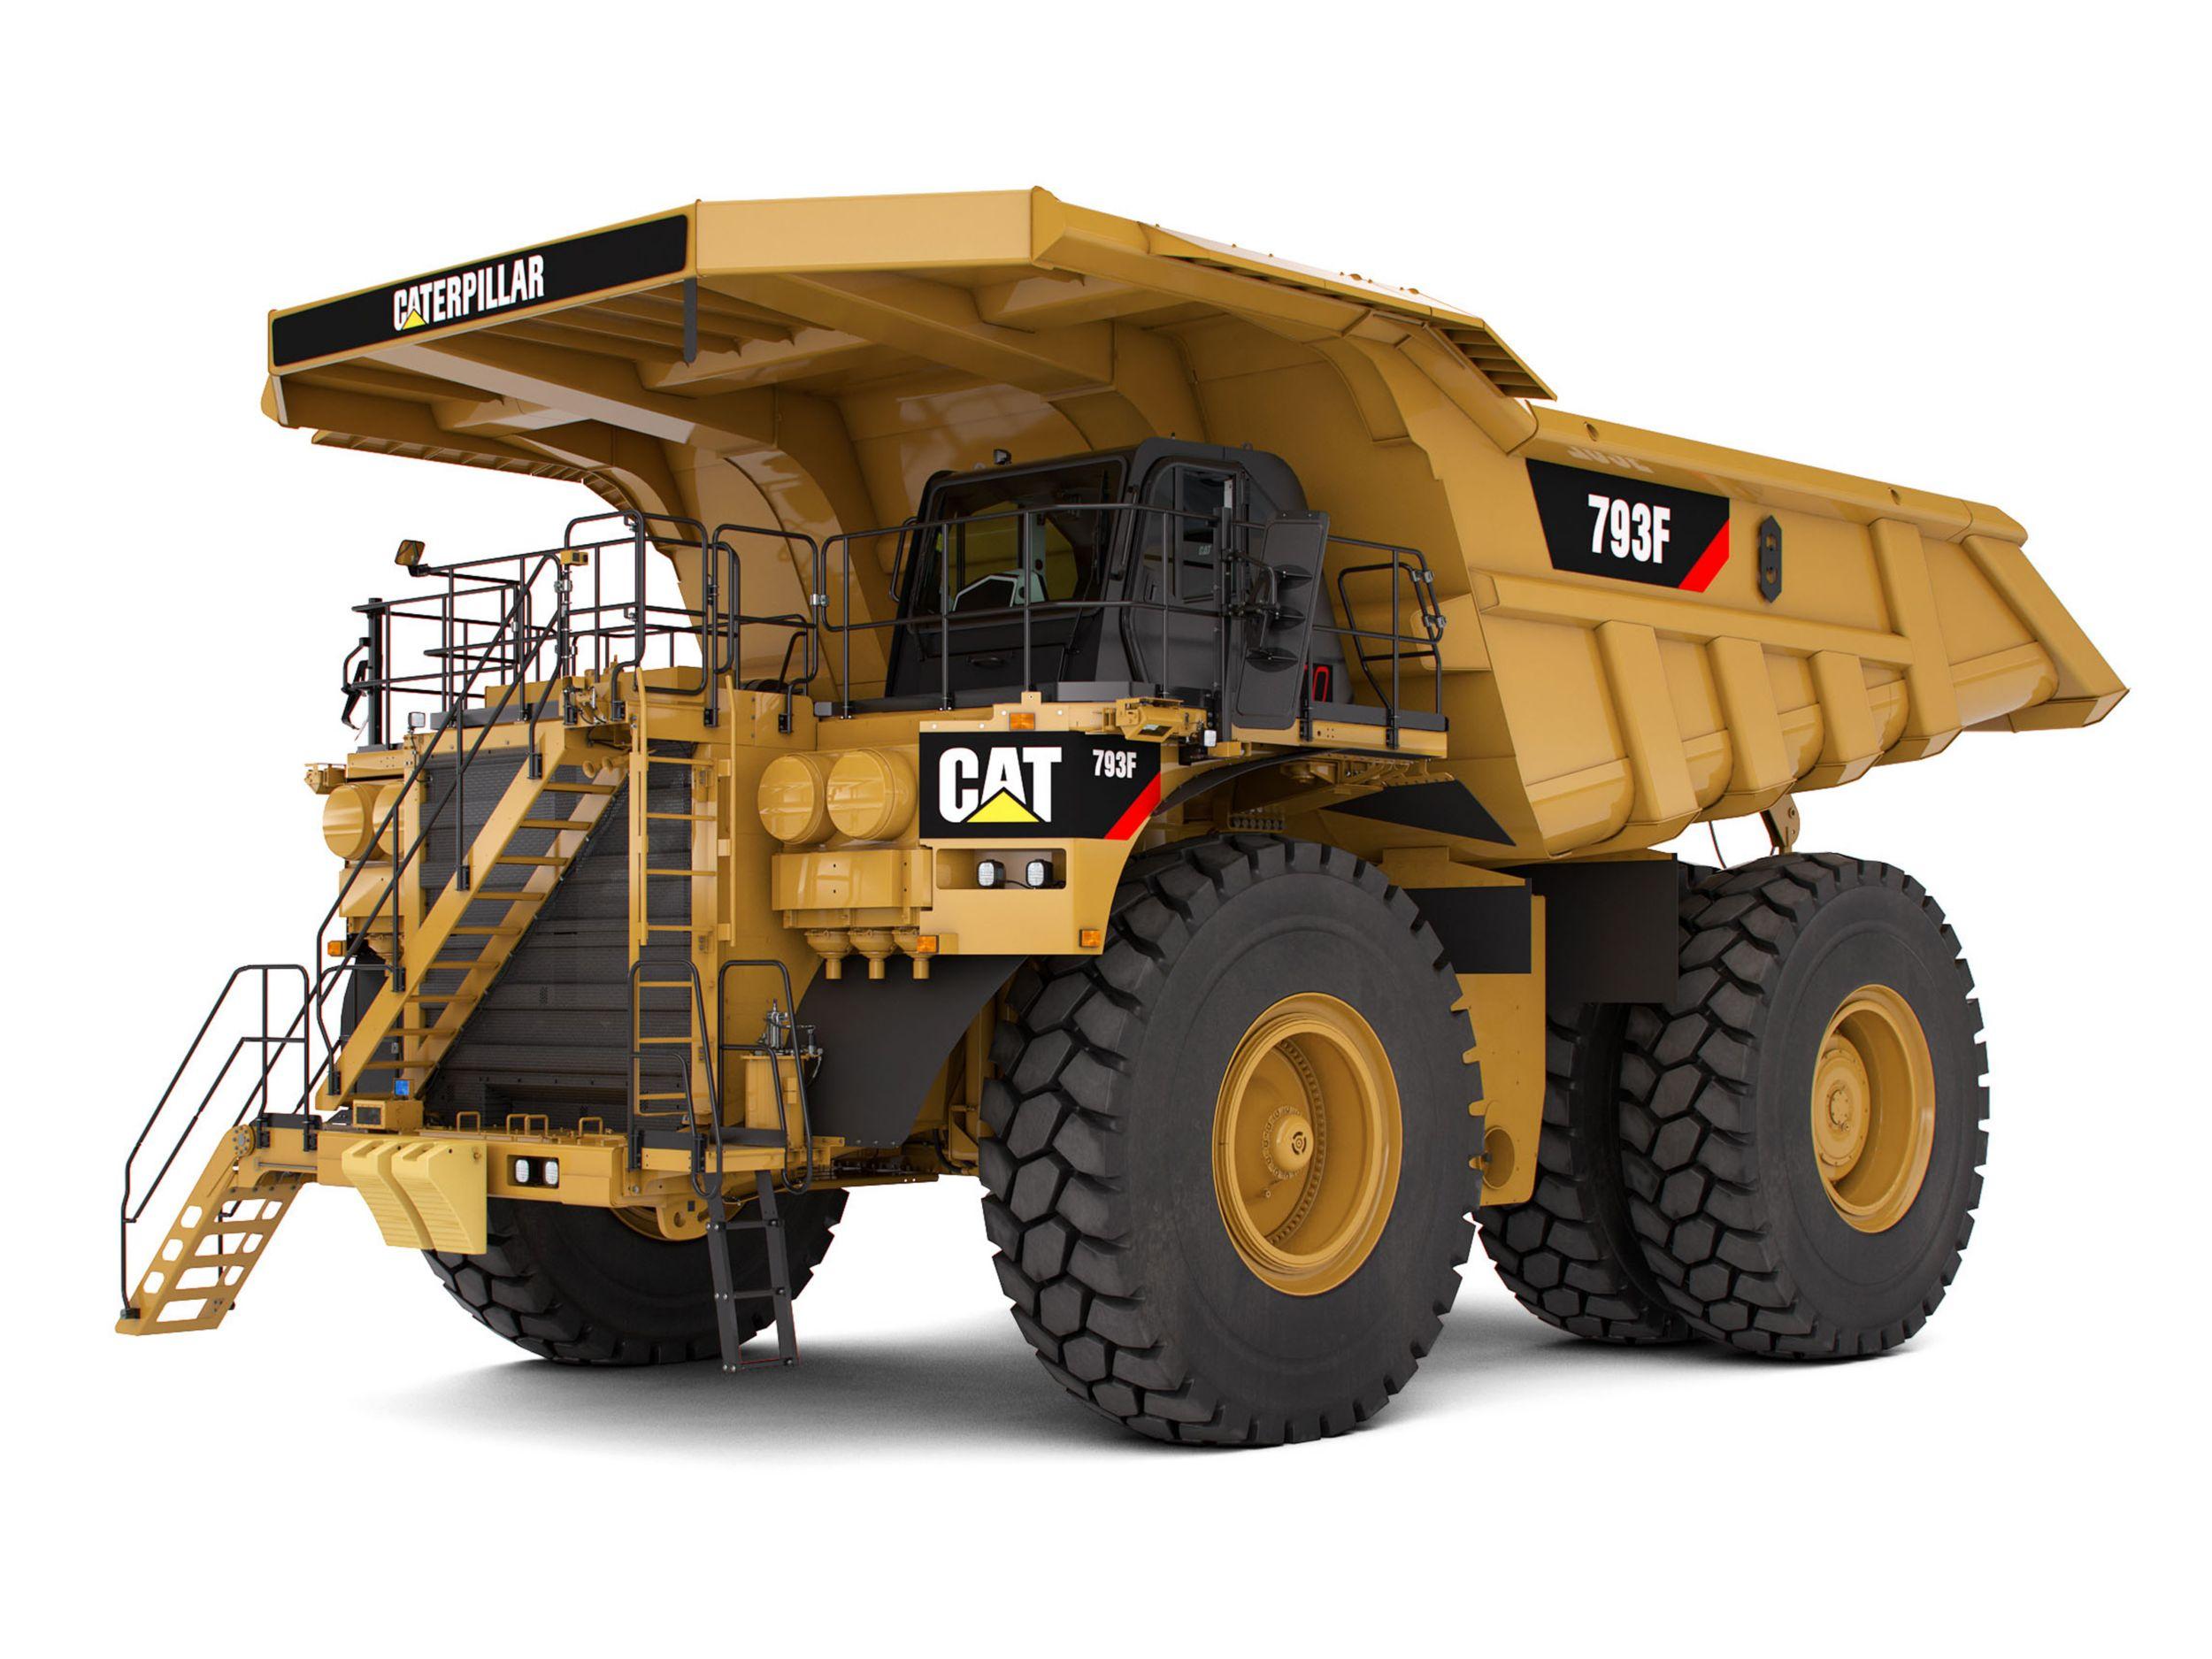 new cat® 793f mining truck 18092621 in uae, kuwait, qatar, oman